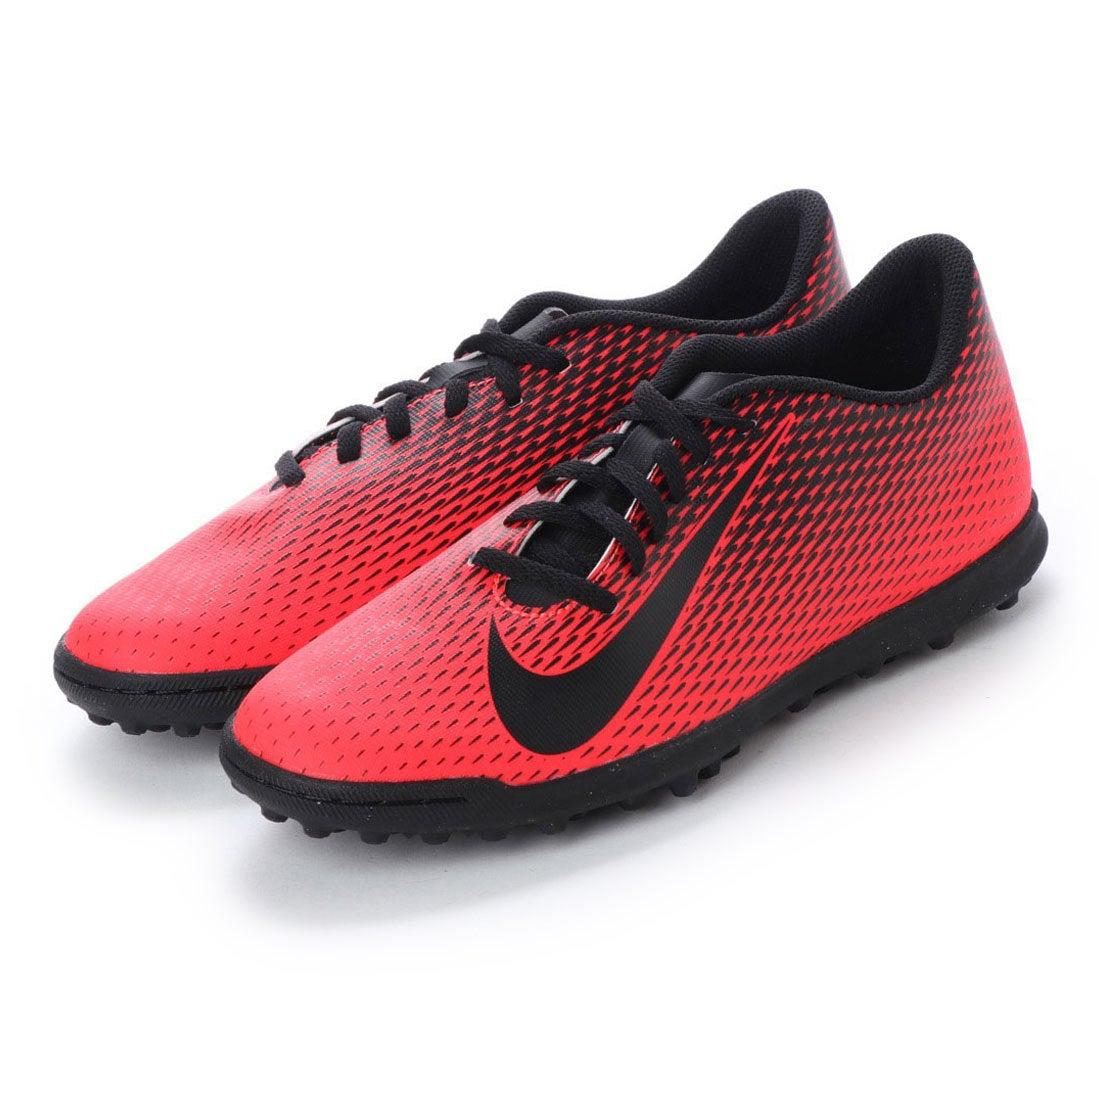 【SALE 10%OFF】ナイキ NIKE サッカー トレーニングシューズ ブラバータ II TF 844437601